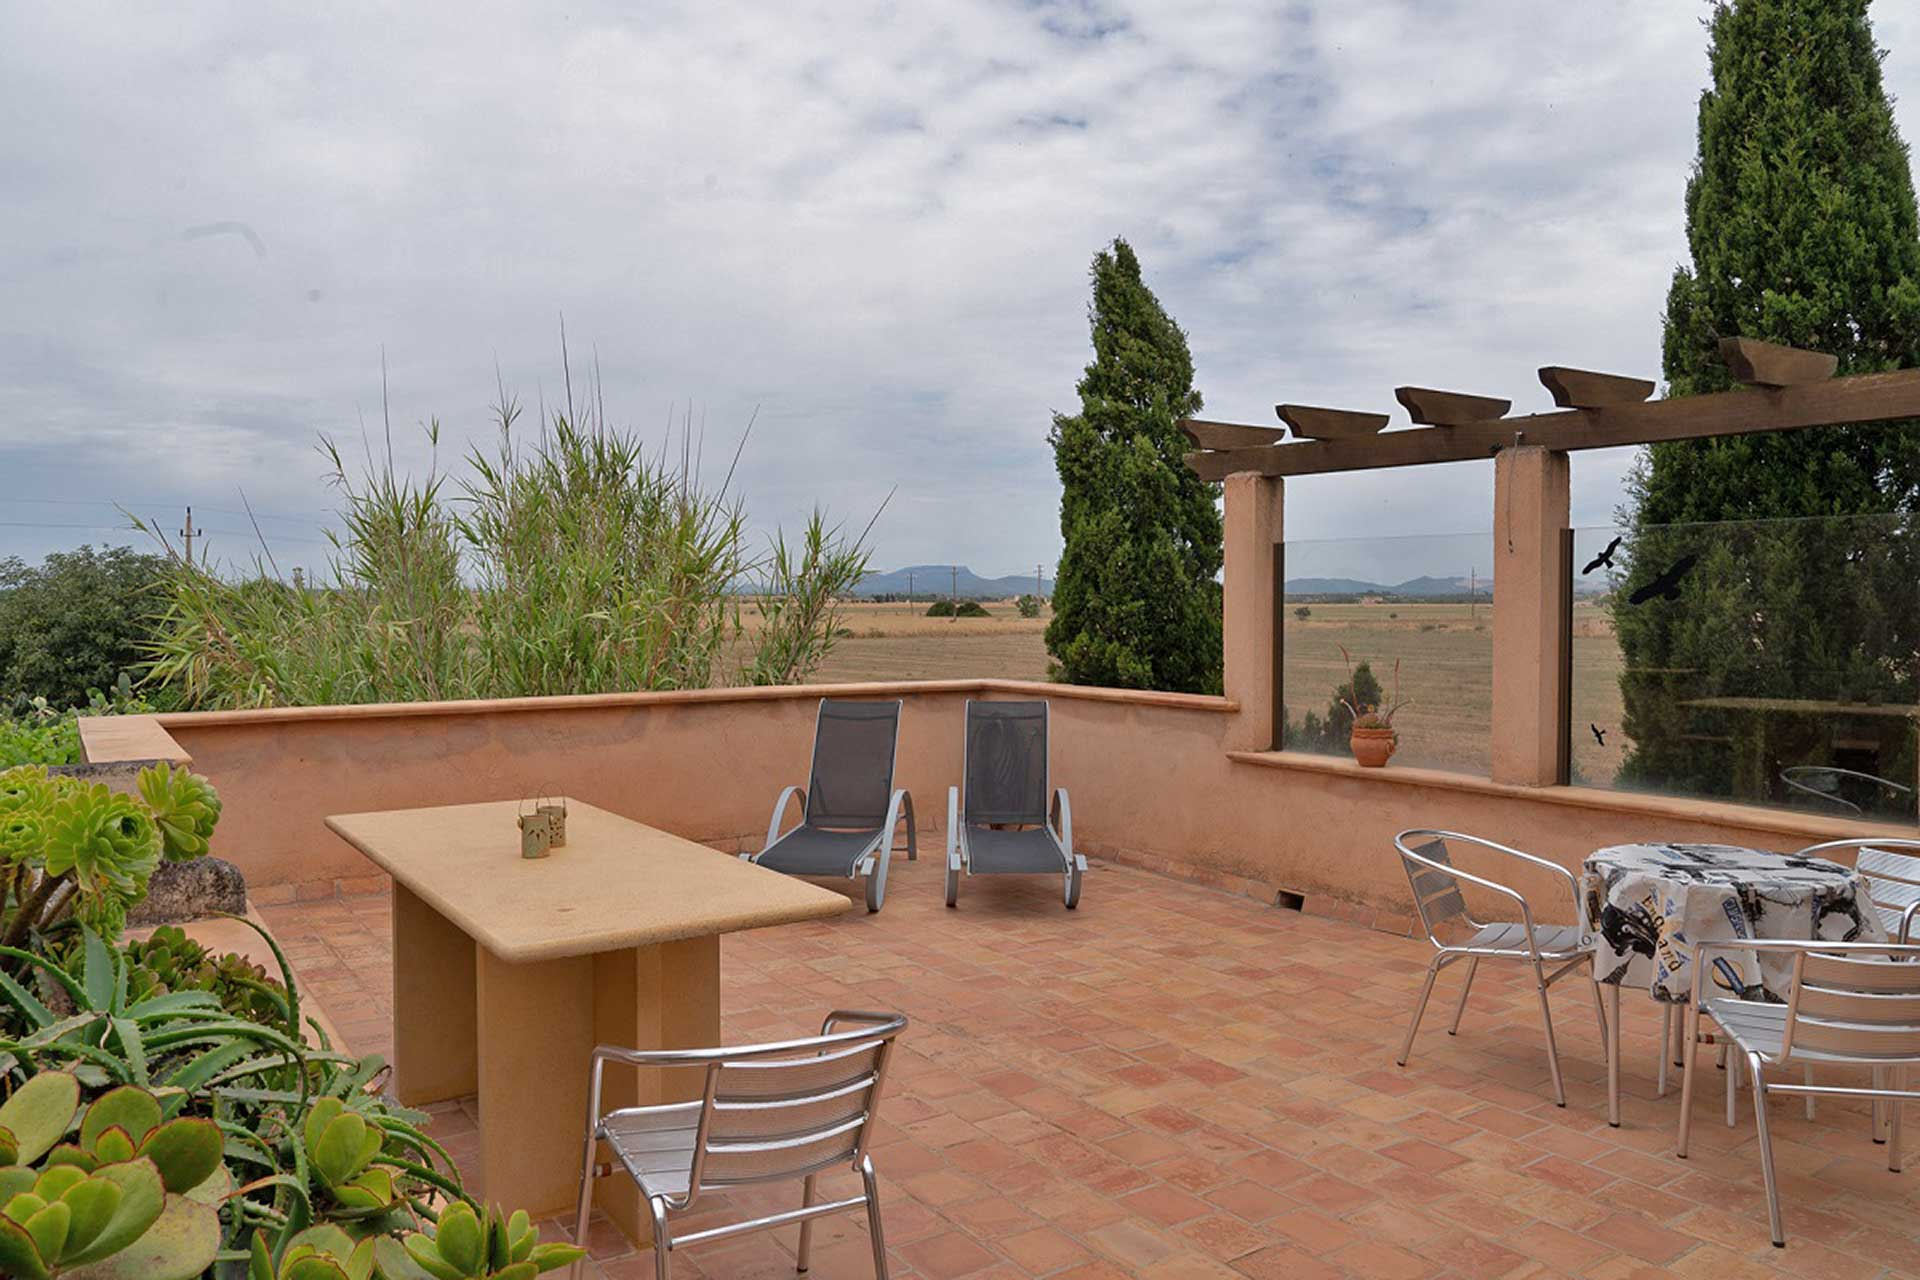 Finca C'an Murtera - Roof terrace